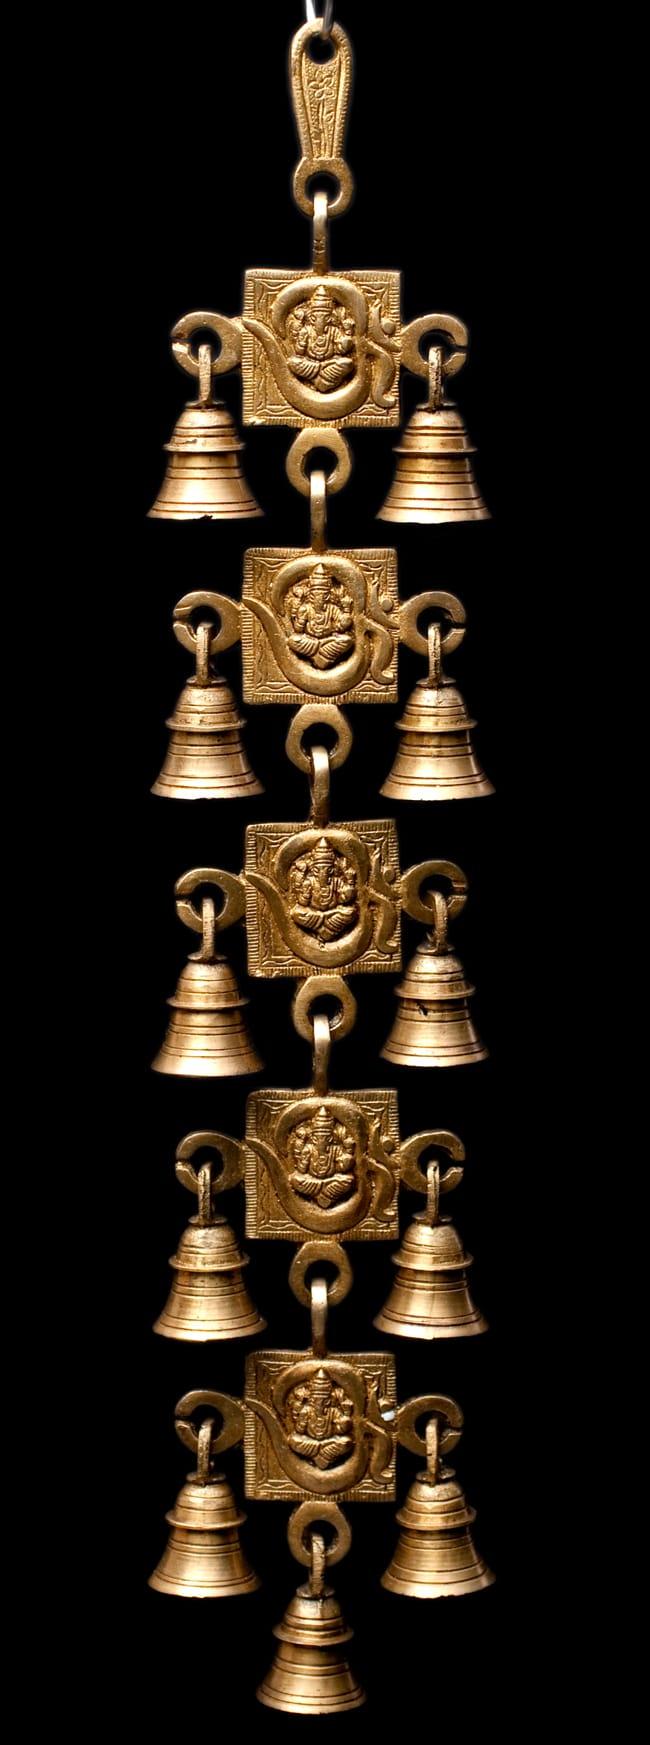 インドの神様ベル【5段】の写真